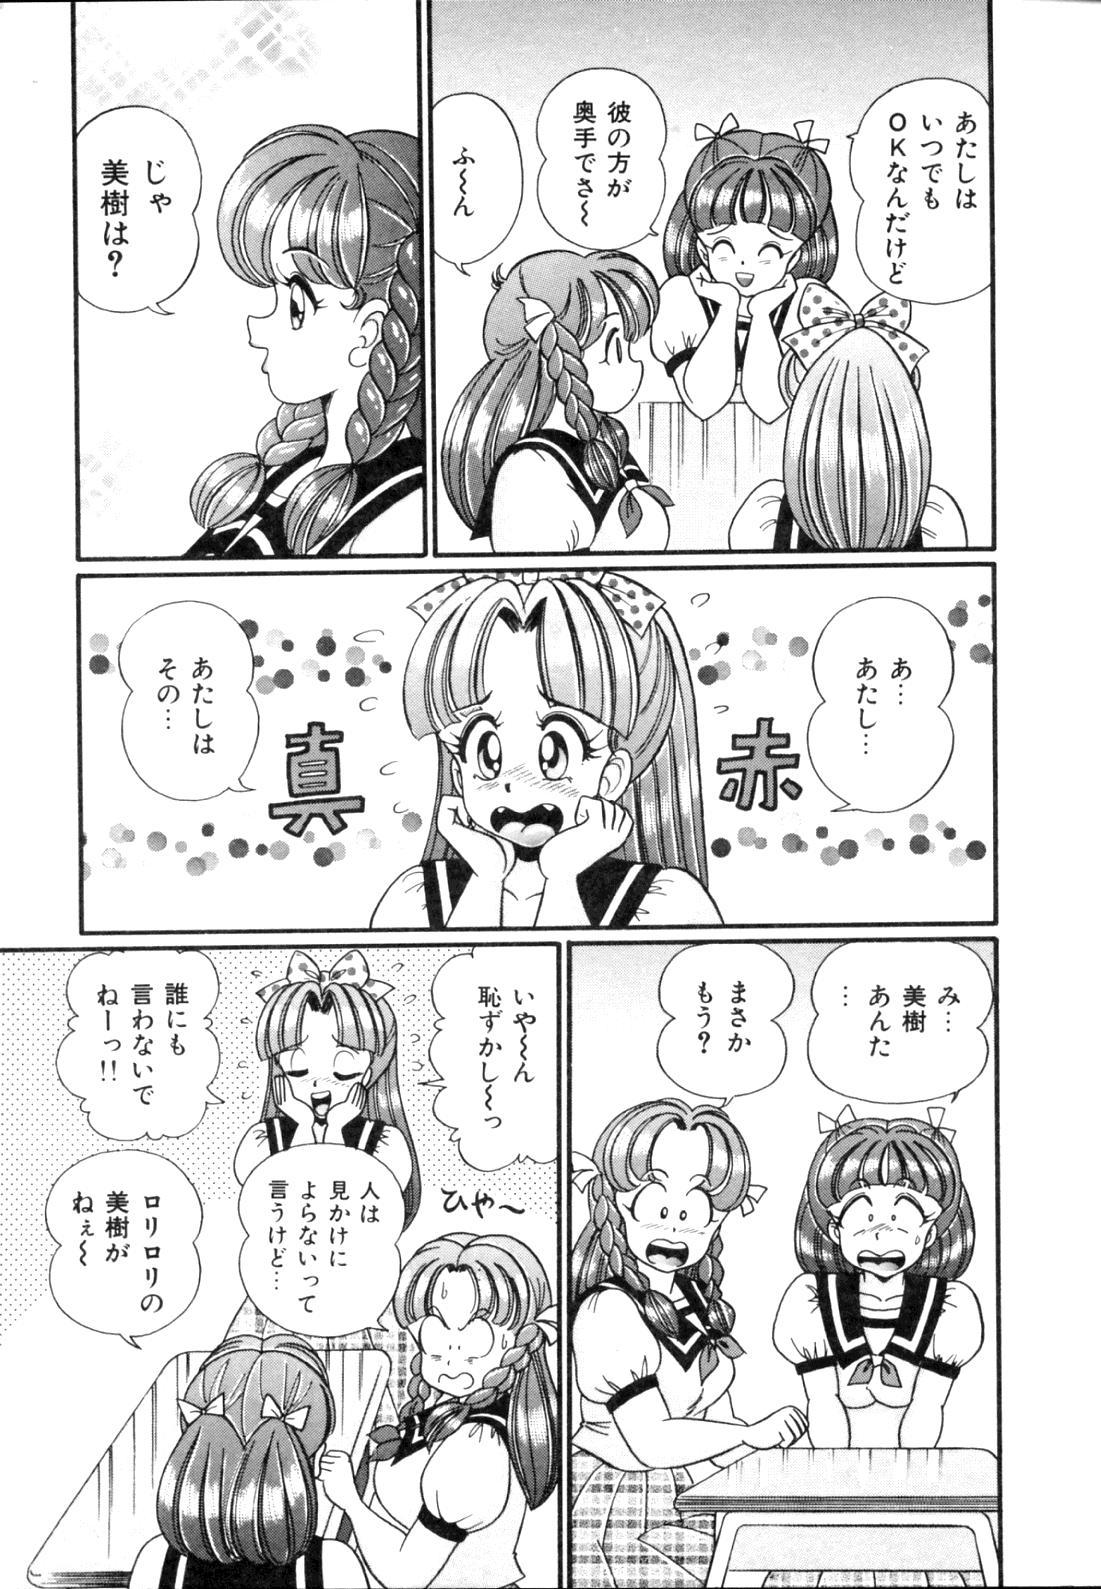 [Watanabe Wataru] Tonari no Onee-san - Sister of Neighborhood 46